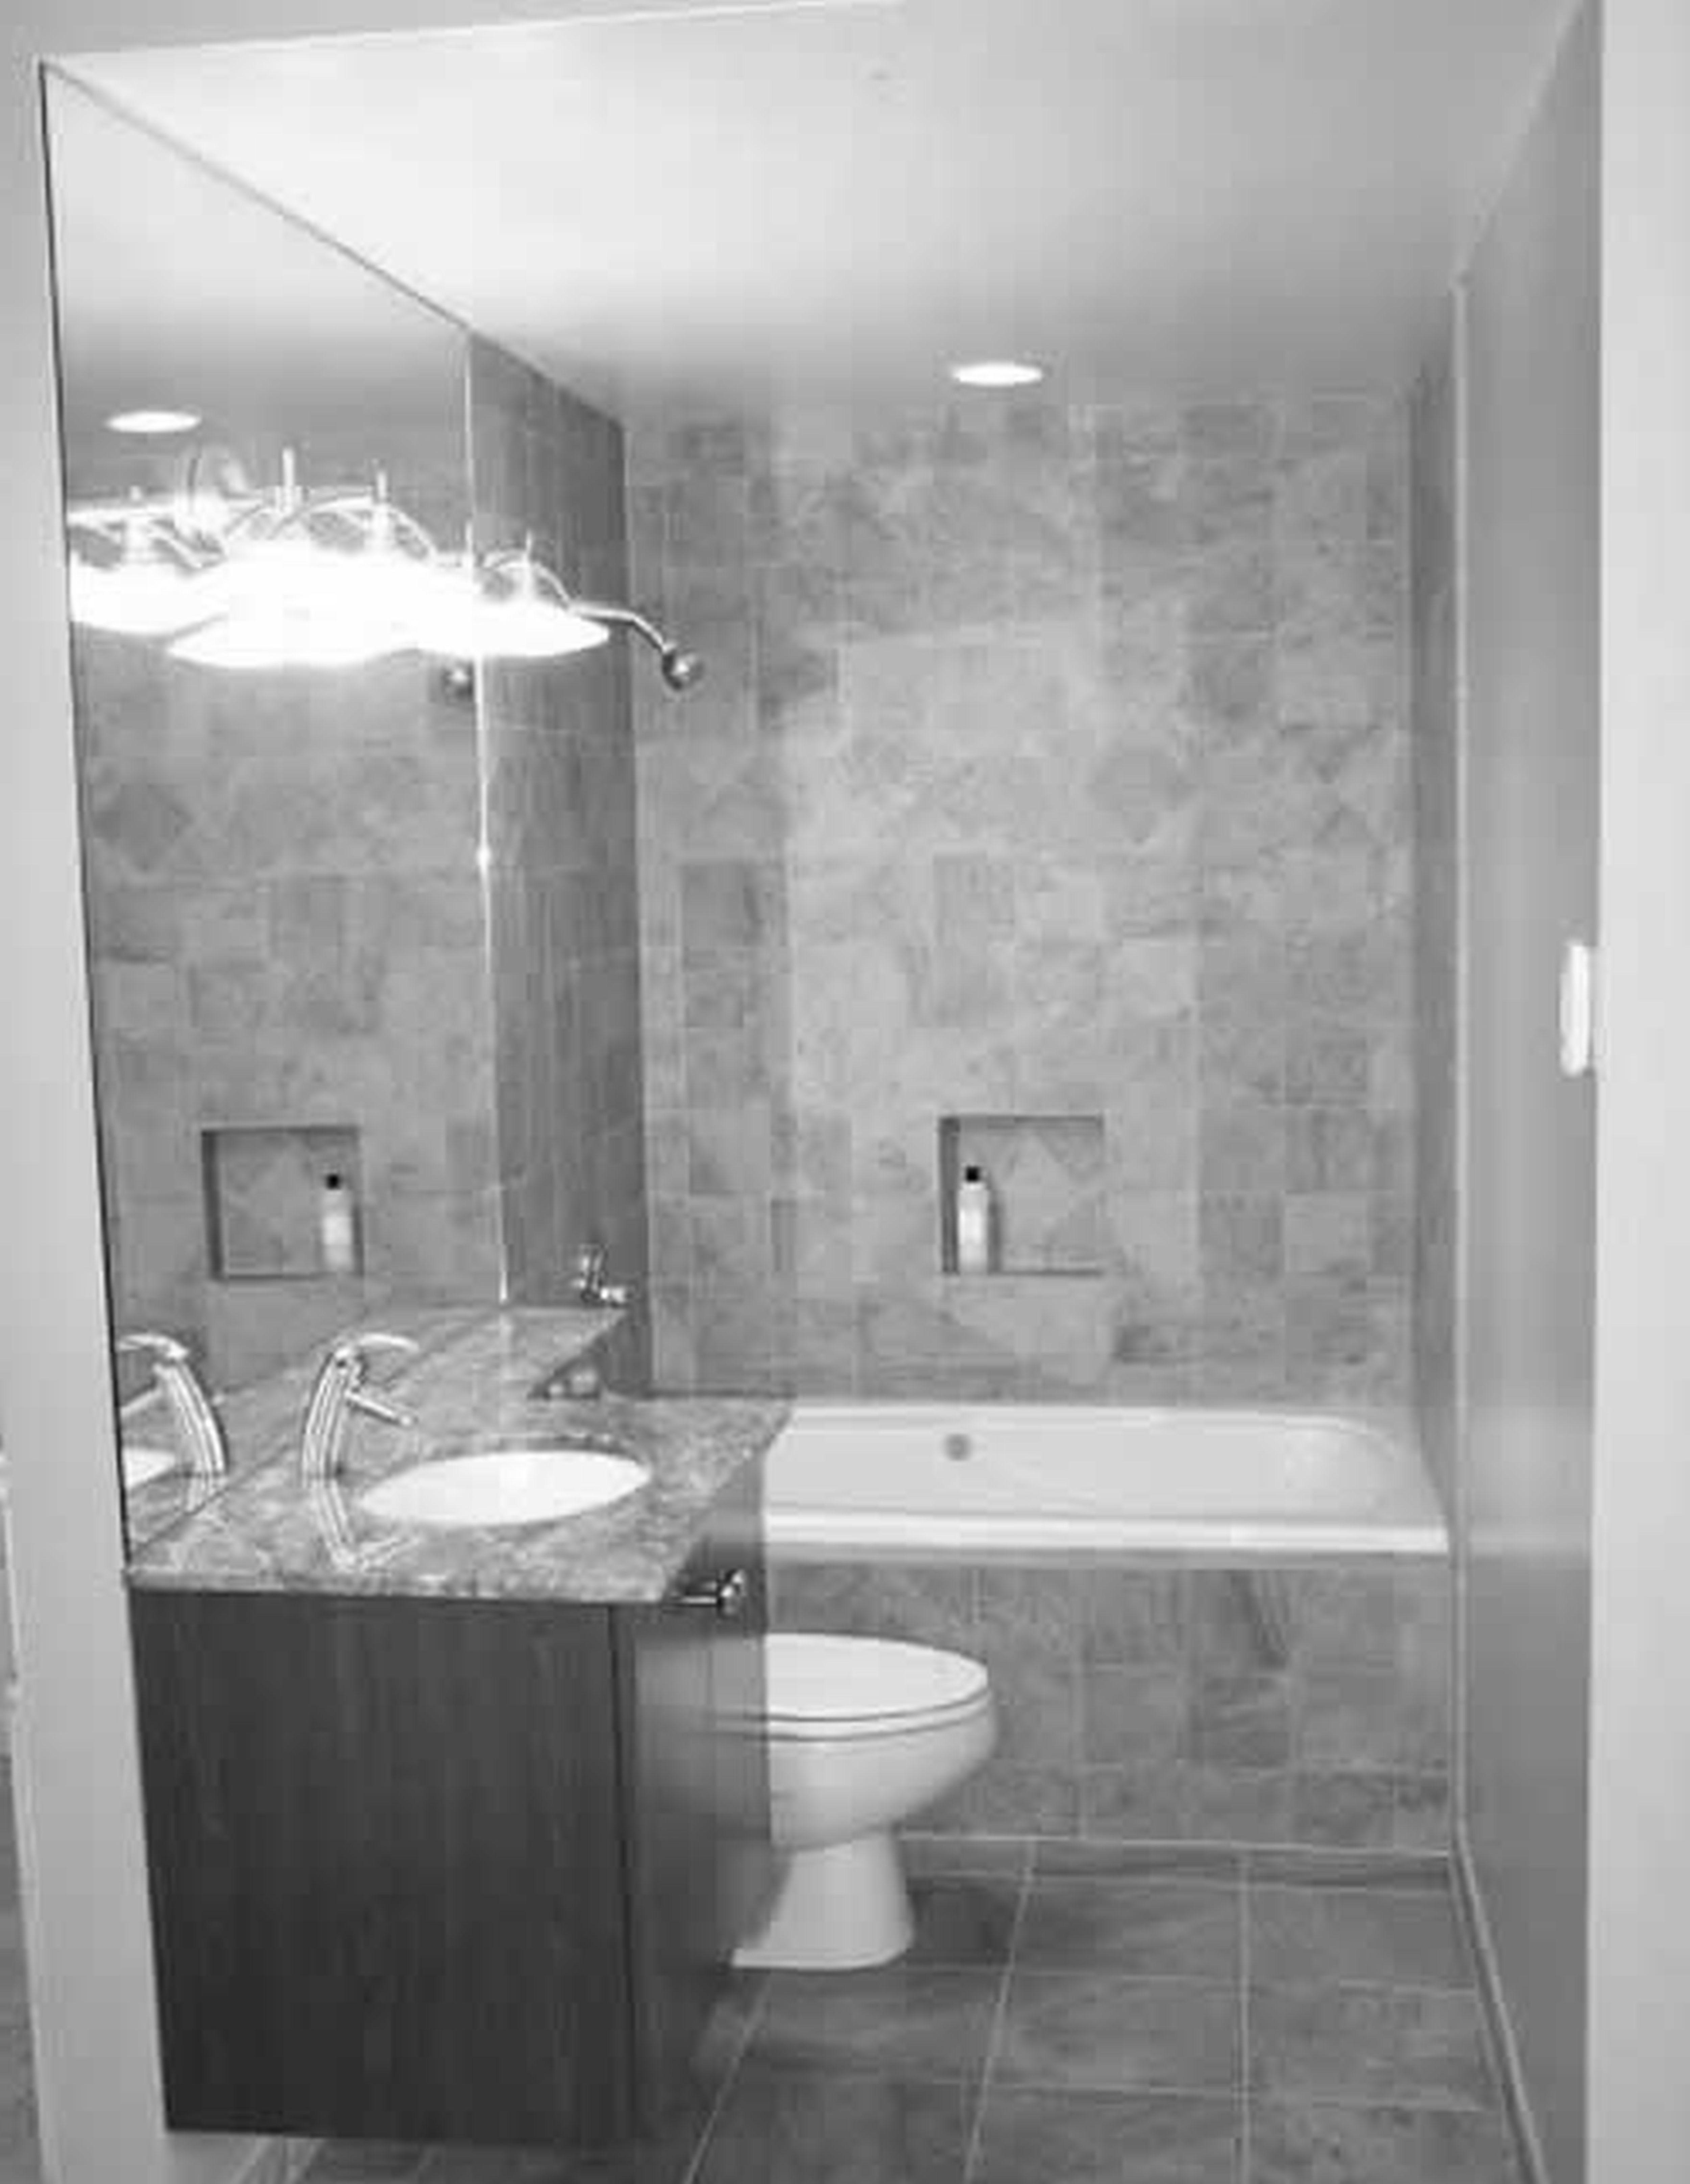 luxury home depot bathroom vanity sink combo design-Beautiful Home Depot Bathroom Vanity Sink Combo Picture